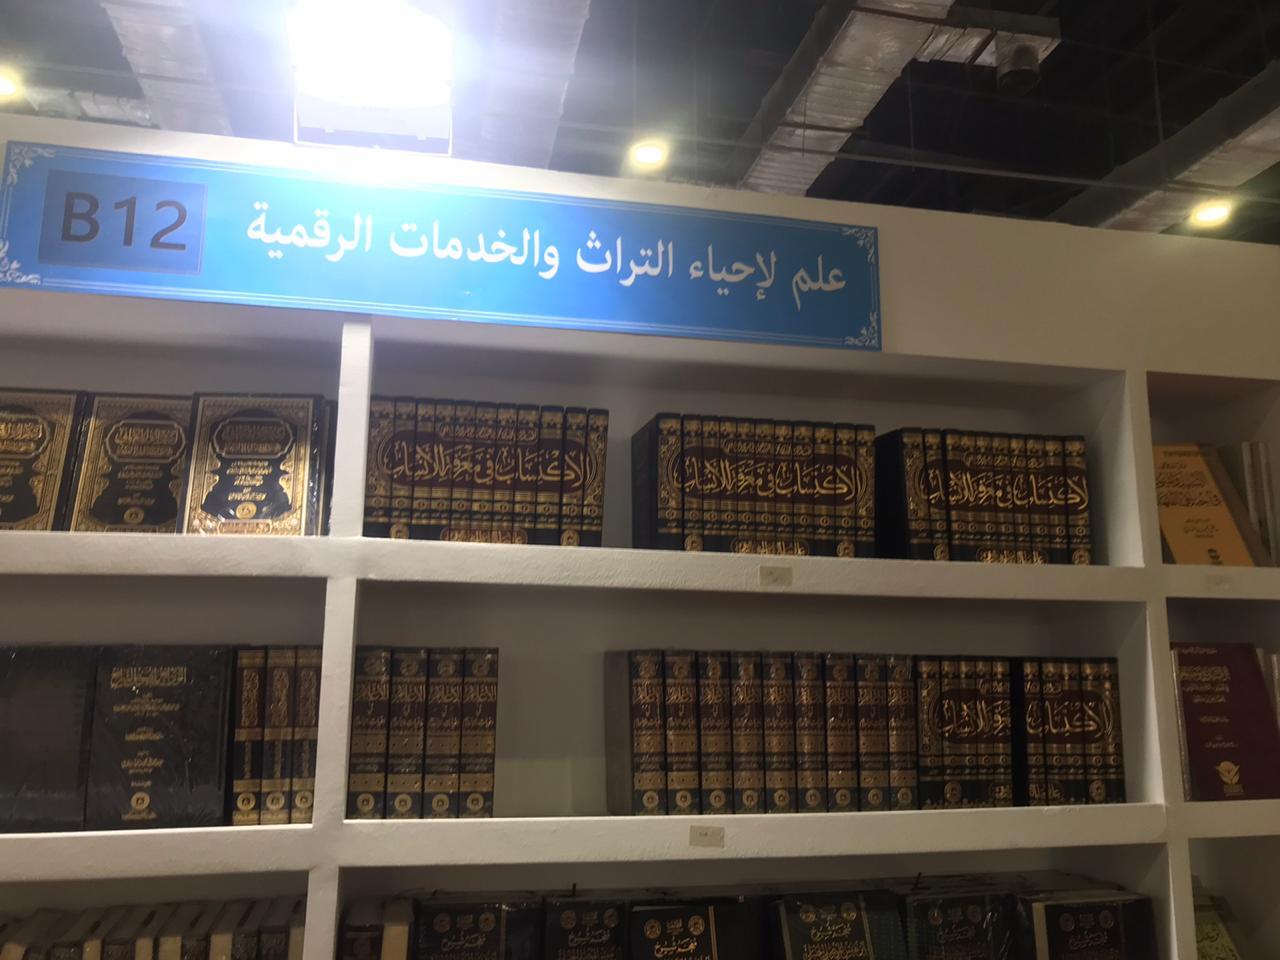 نماذج من الكتب الدينية (6)